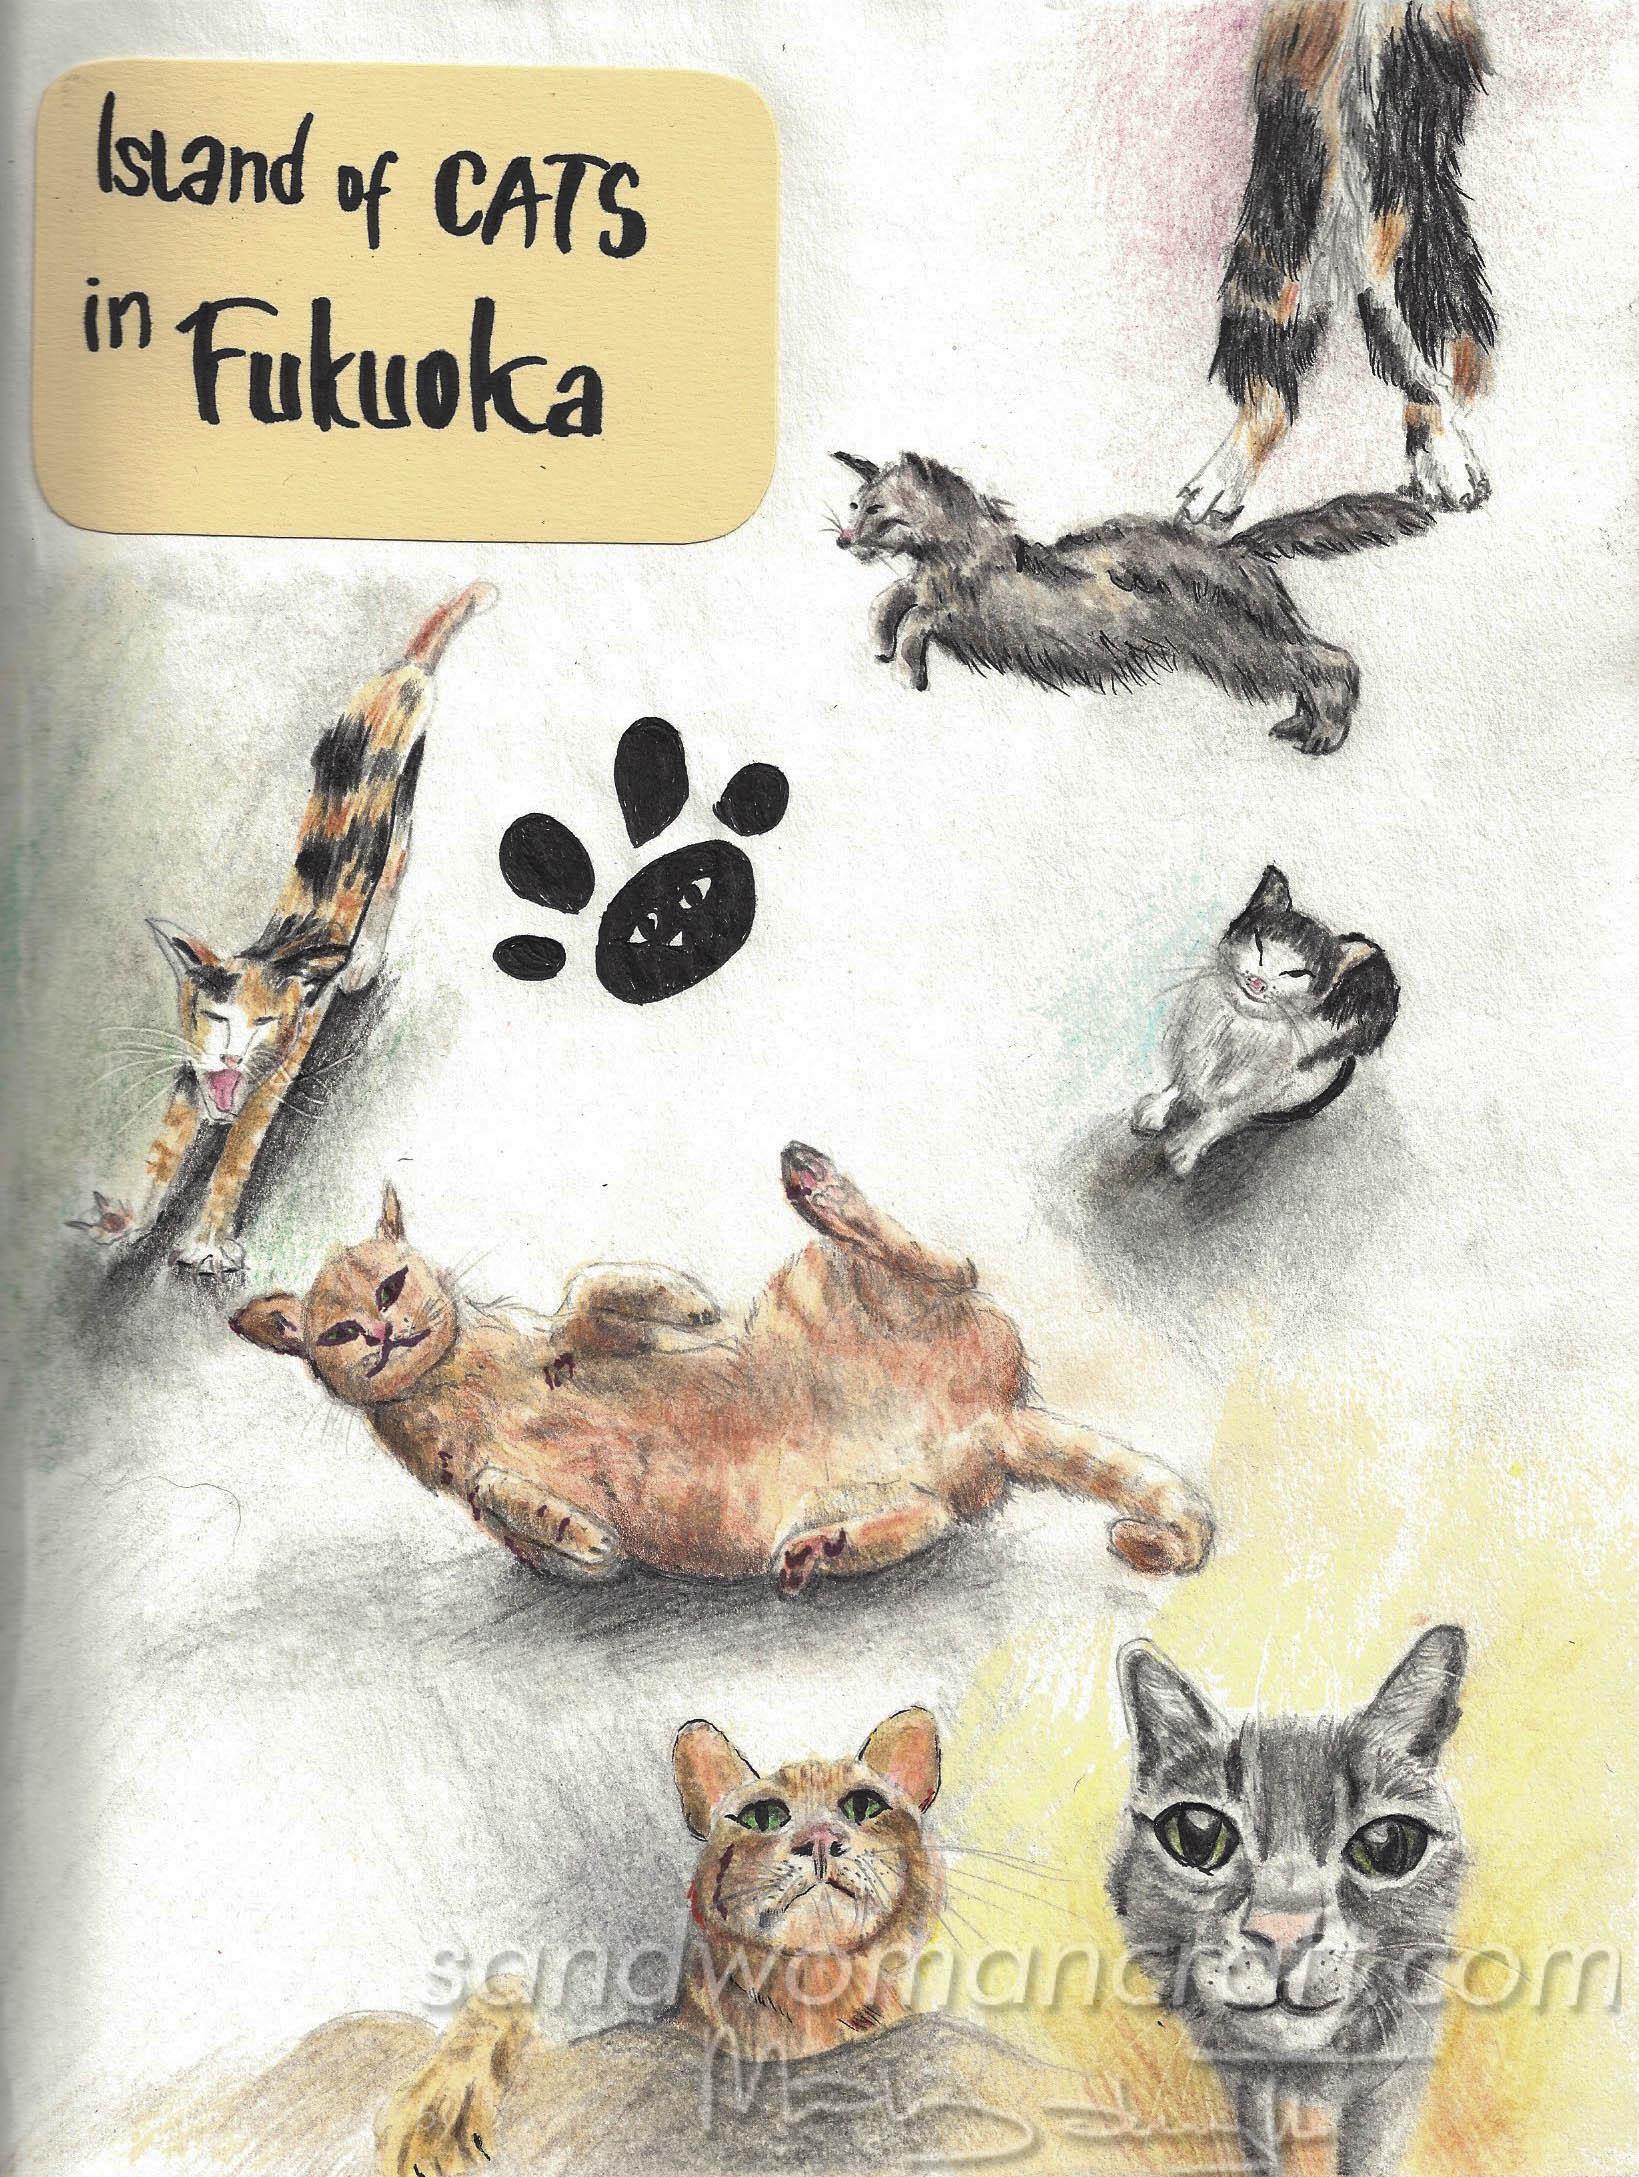 Island of cats in Fukuoka